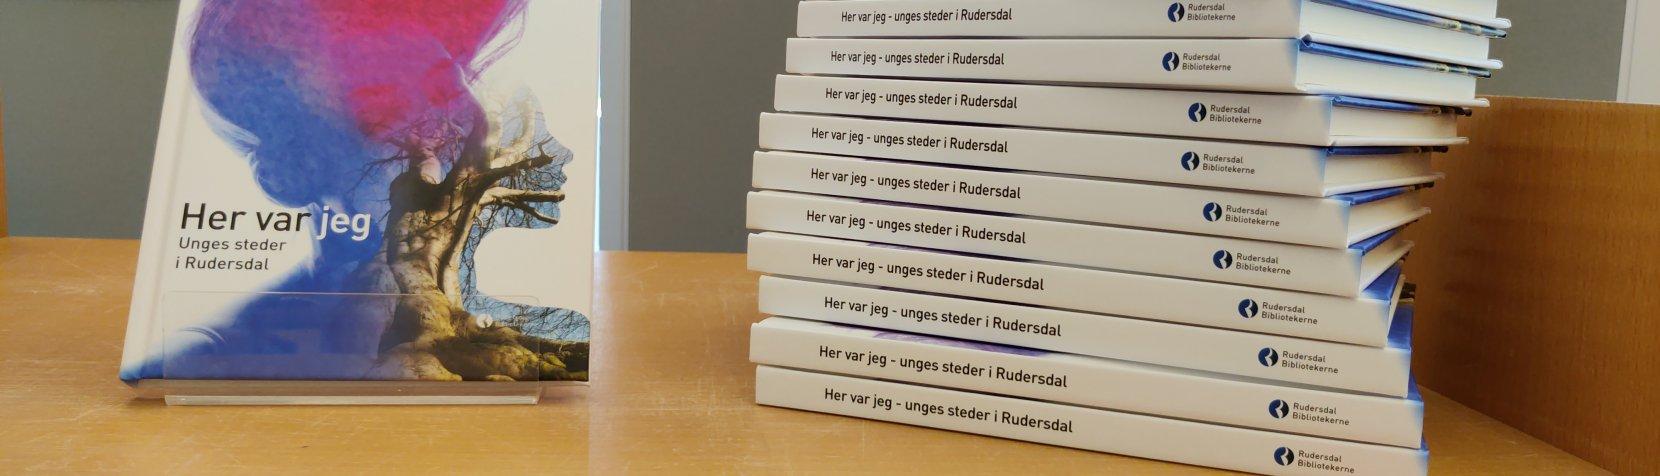 Eksemplarer af bogen HER VAR JEG